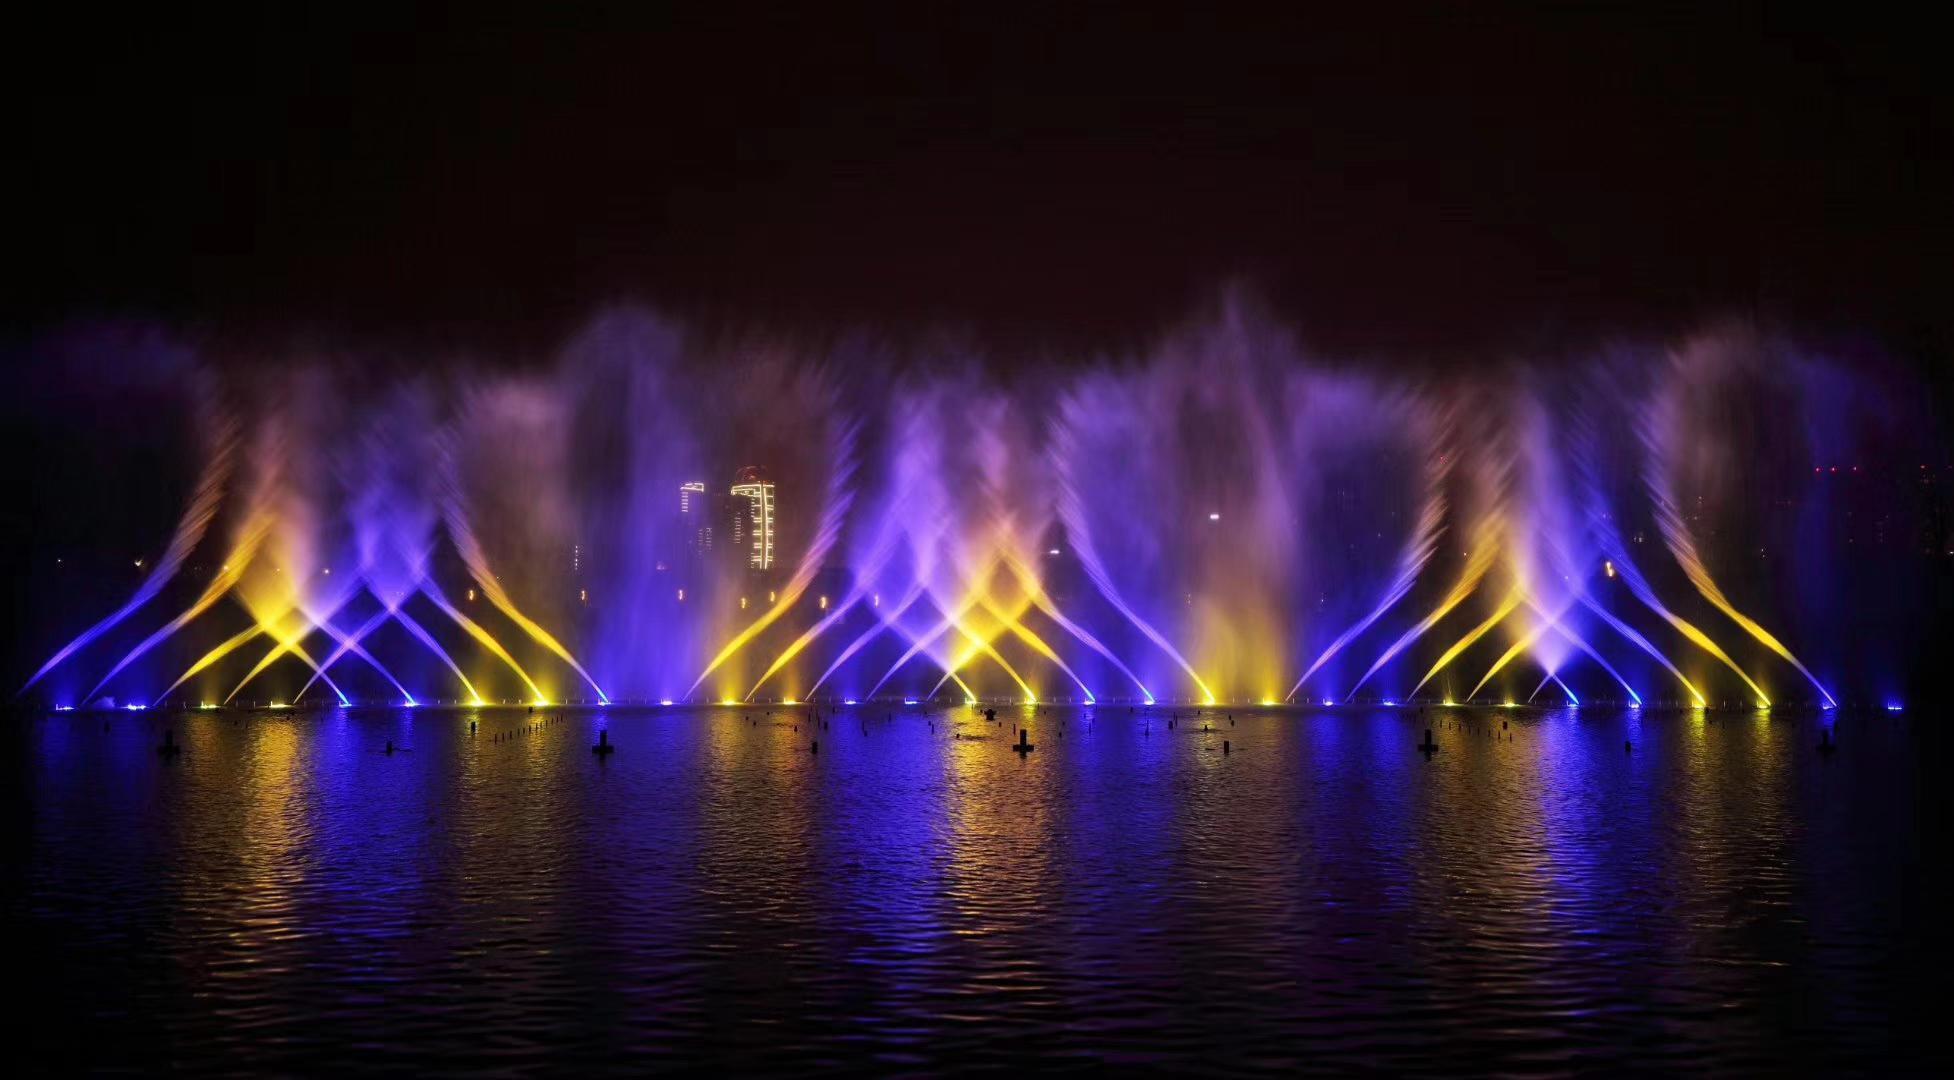 德阳柳梢堰湿地公园音乐喷泉